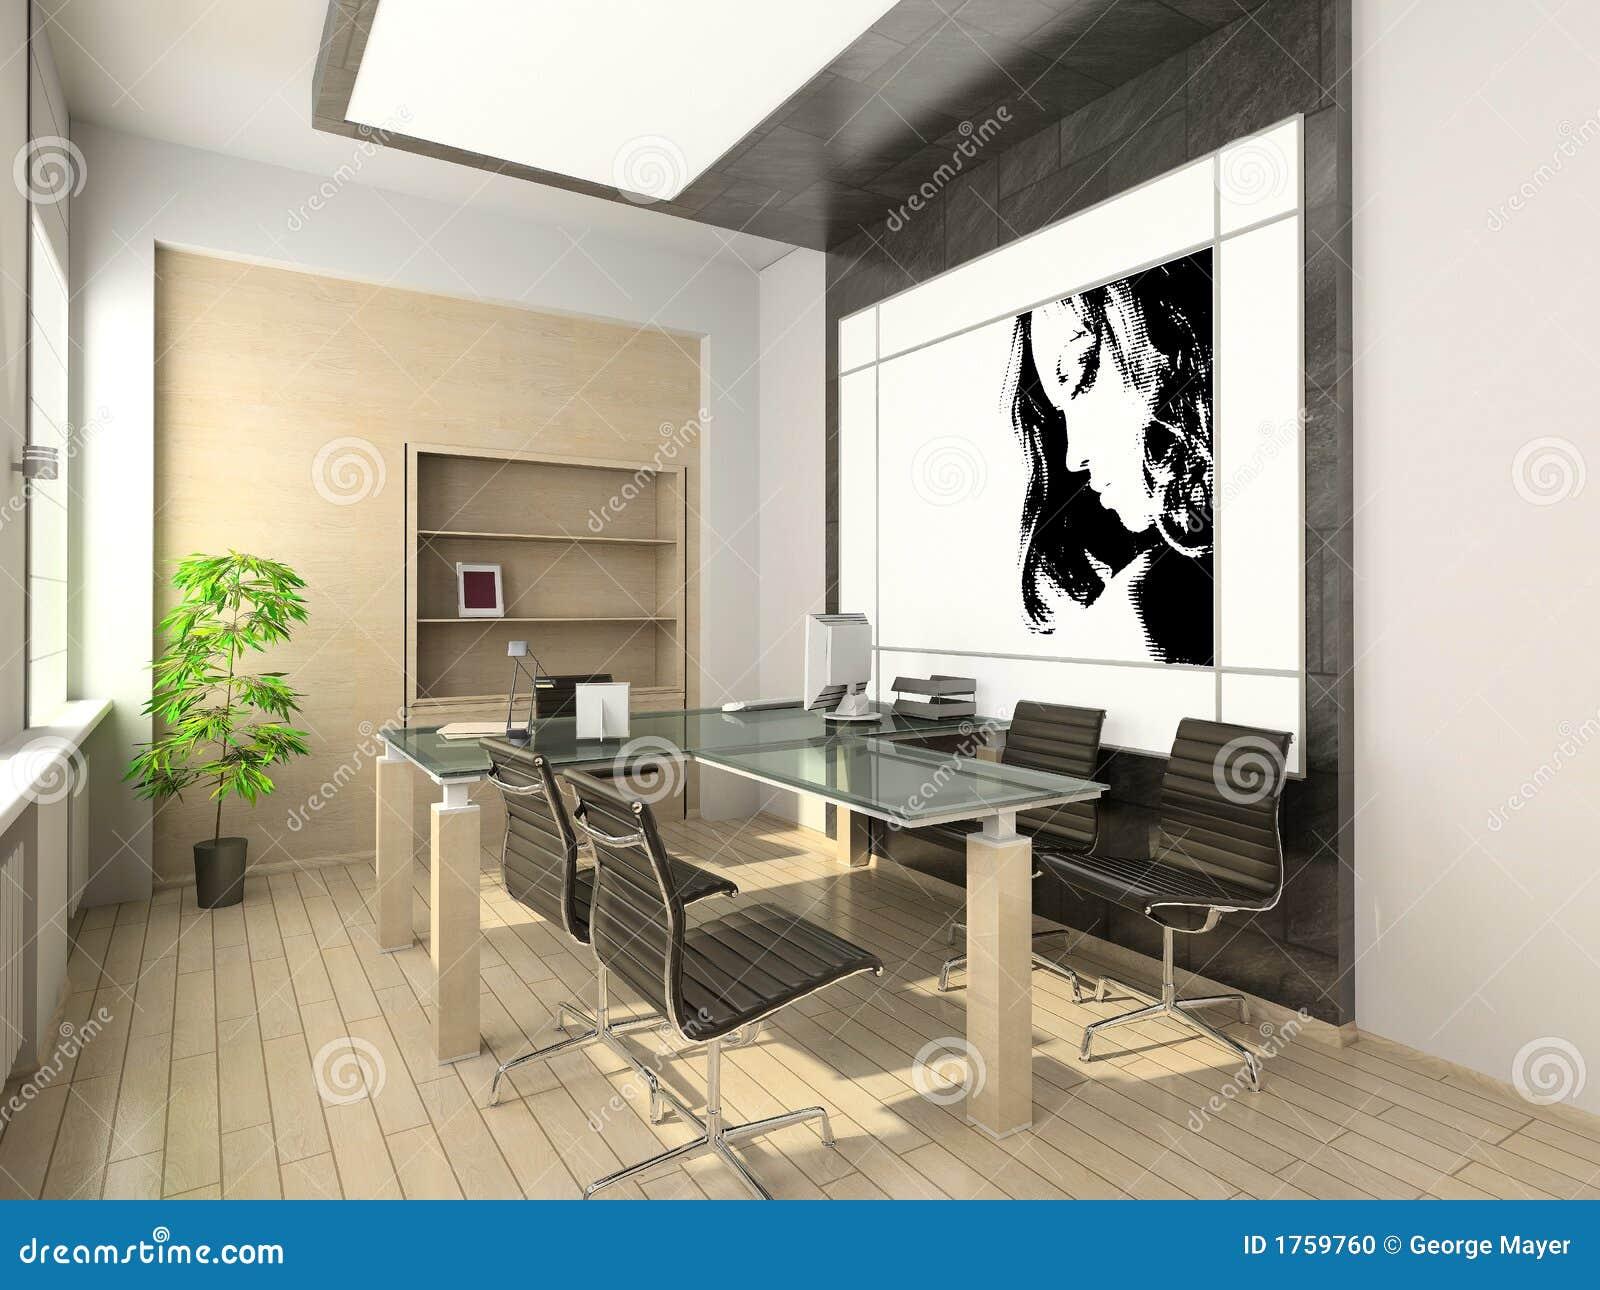 Dise o de oficina moderna interior de alta tecnolog a for Como disenar una oficina moderna